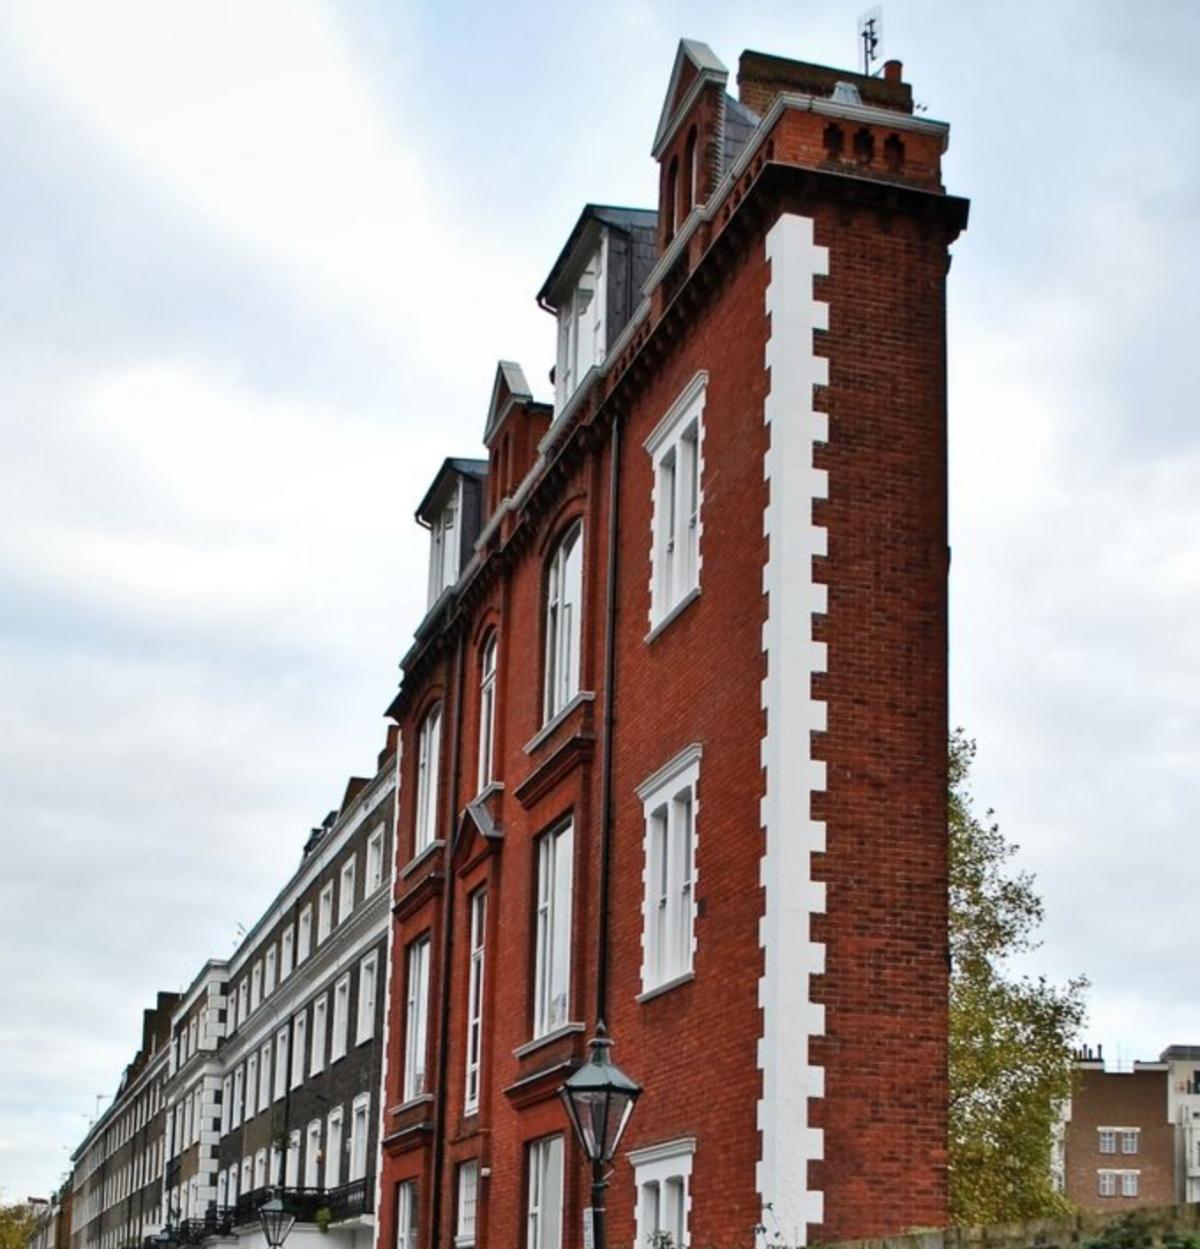 Tòa nhà 'siêu mỏng' này là một chung cư nhỏ ở thủ đô London, nước Anh.